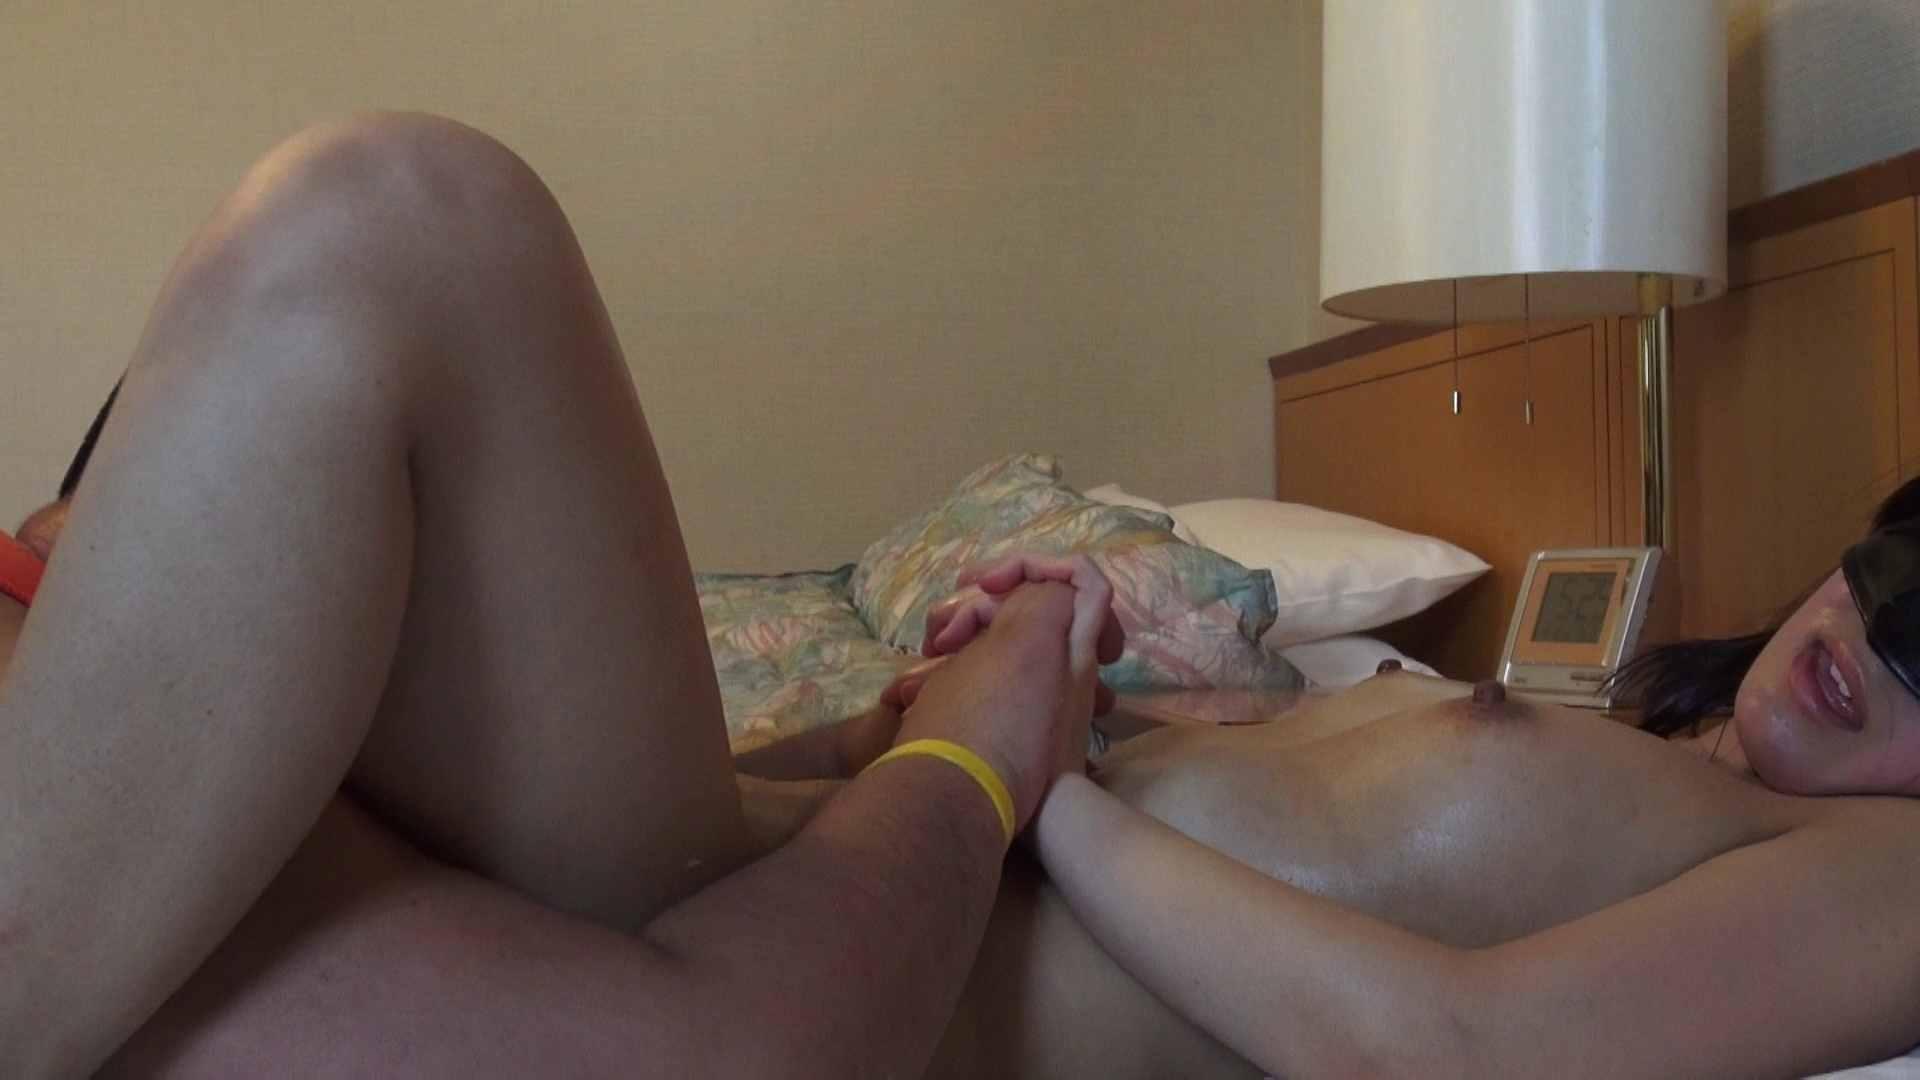 vol.15 身体をねじりながら感じる留華ちゃん OL裸体   ギャル達のオマンコ  79画像 56